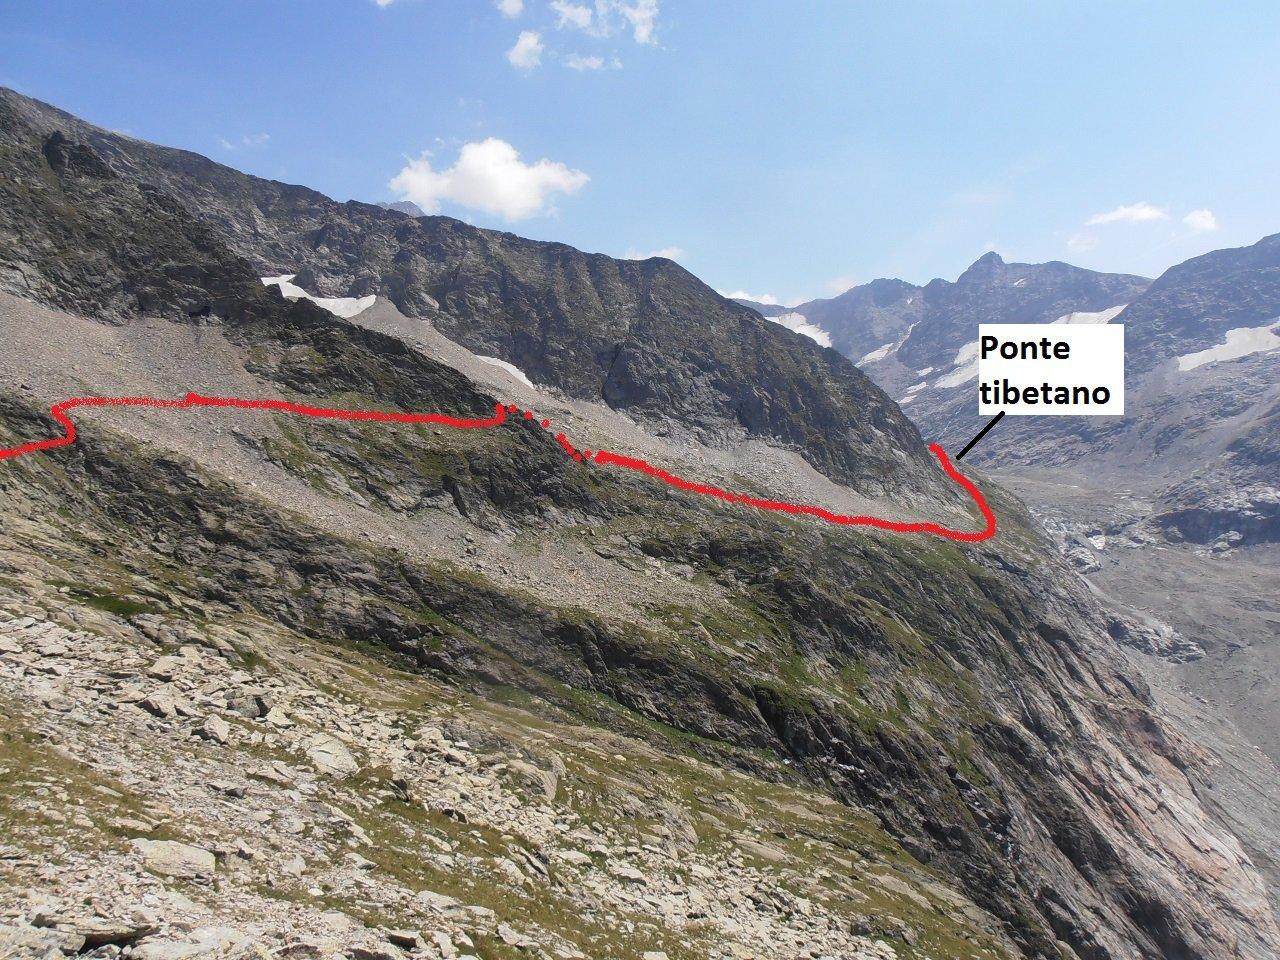 05 - si percorre l'impervio costone della montagna